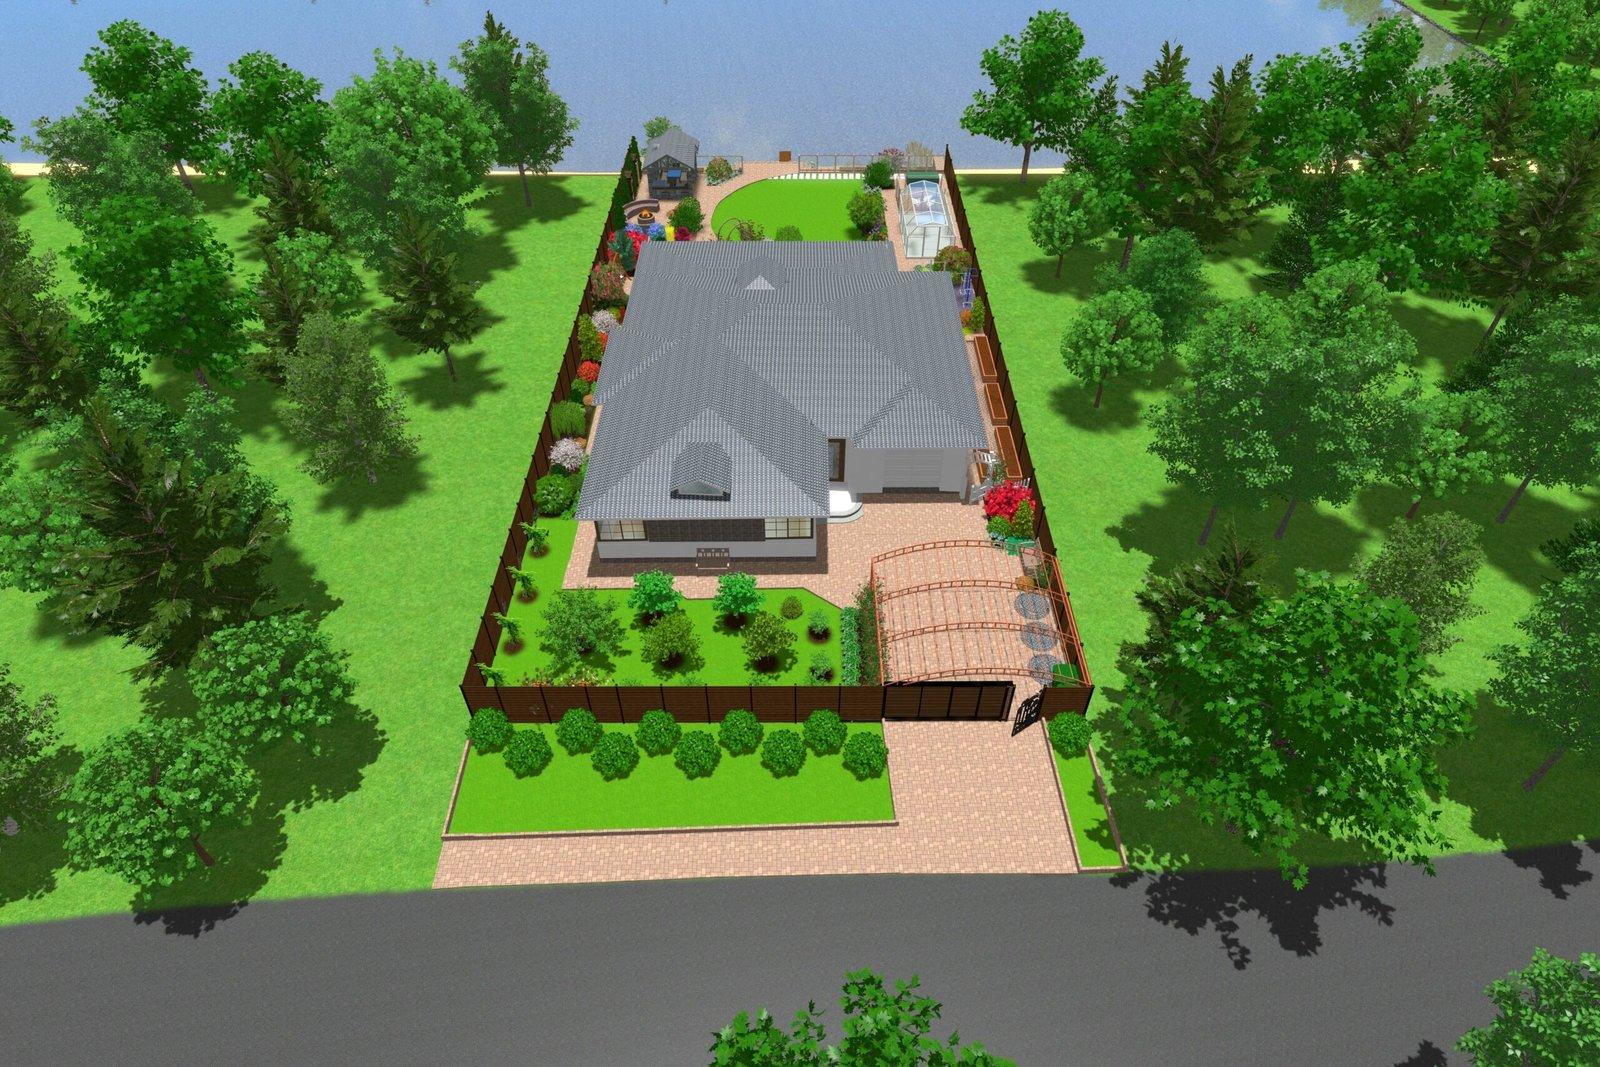 дизайнер по озеленению, Оформление основных элементов участка, водоемы в саду,